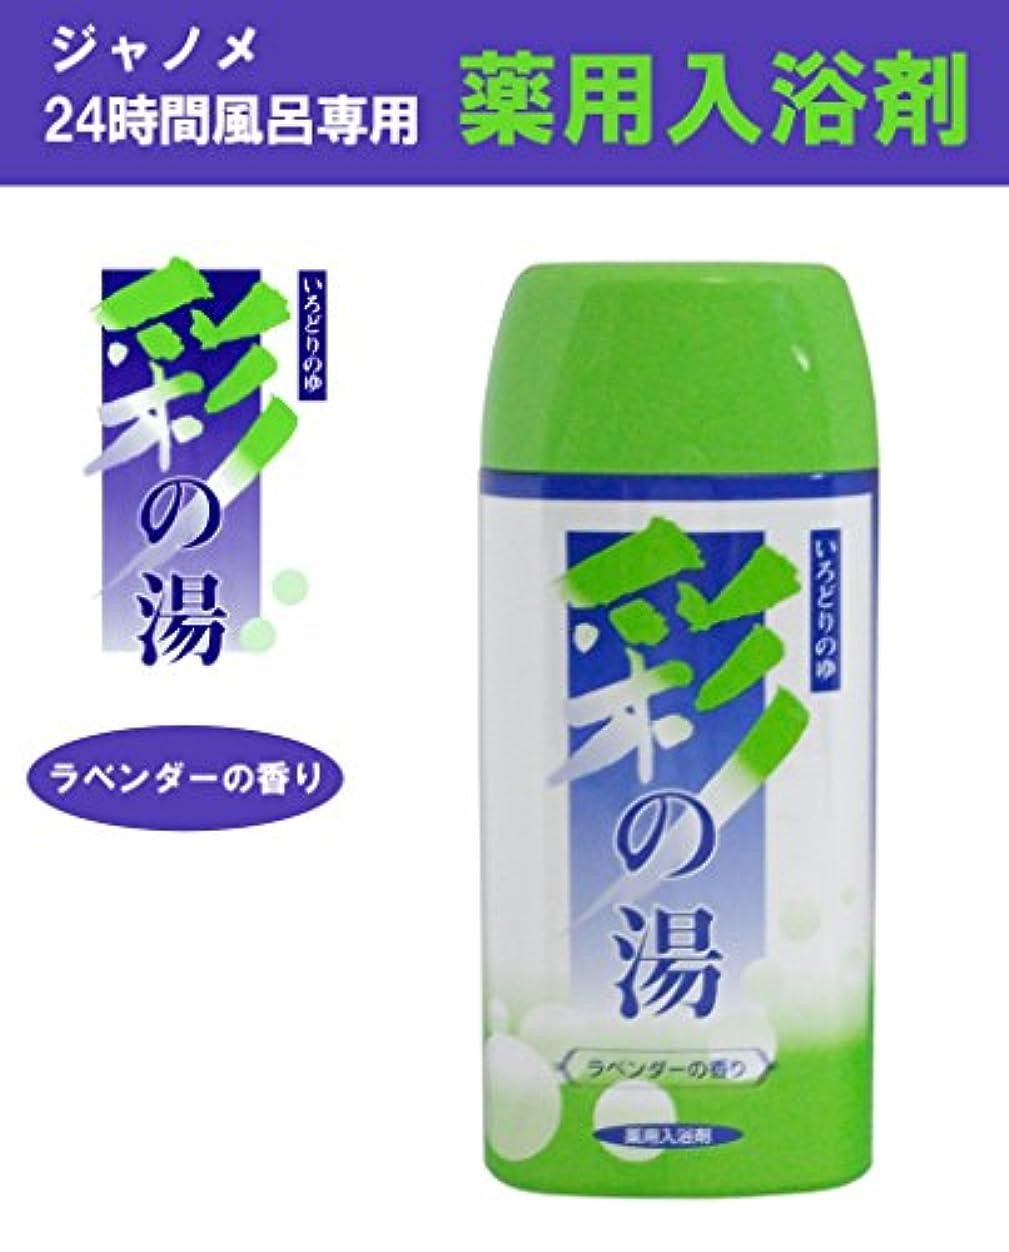 ジャングル信念使役ジャノメ 彩の湯 (24時間風呂専用 薬用入浴剤 ラベンダーの香り )